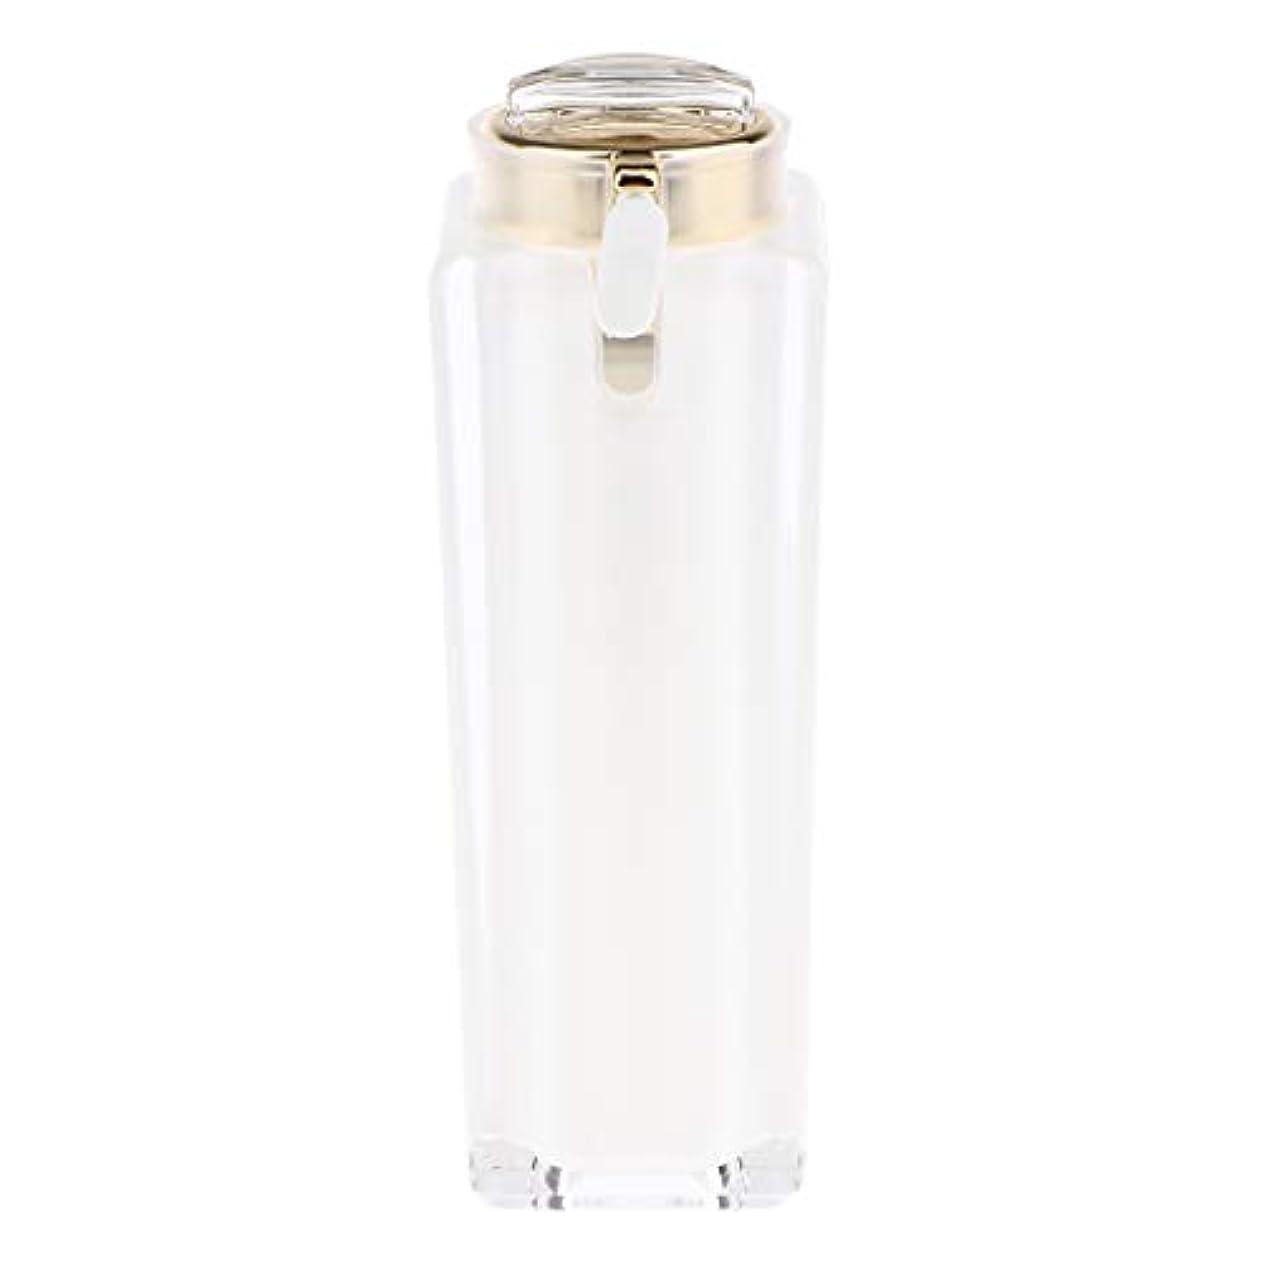 土器抑圧思いやりのあるT TOOYFUL 全3サイズ トラベルボトル セラム ローション エッセンシャルオイル 詰替え容器 漏れ防止 - 30ミリリットル